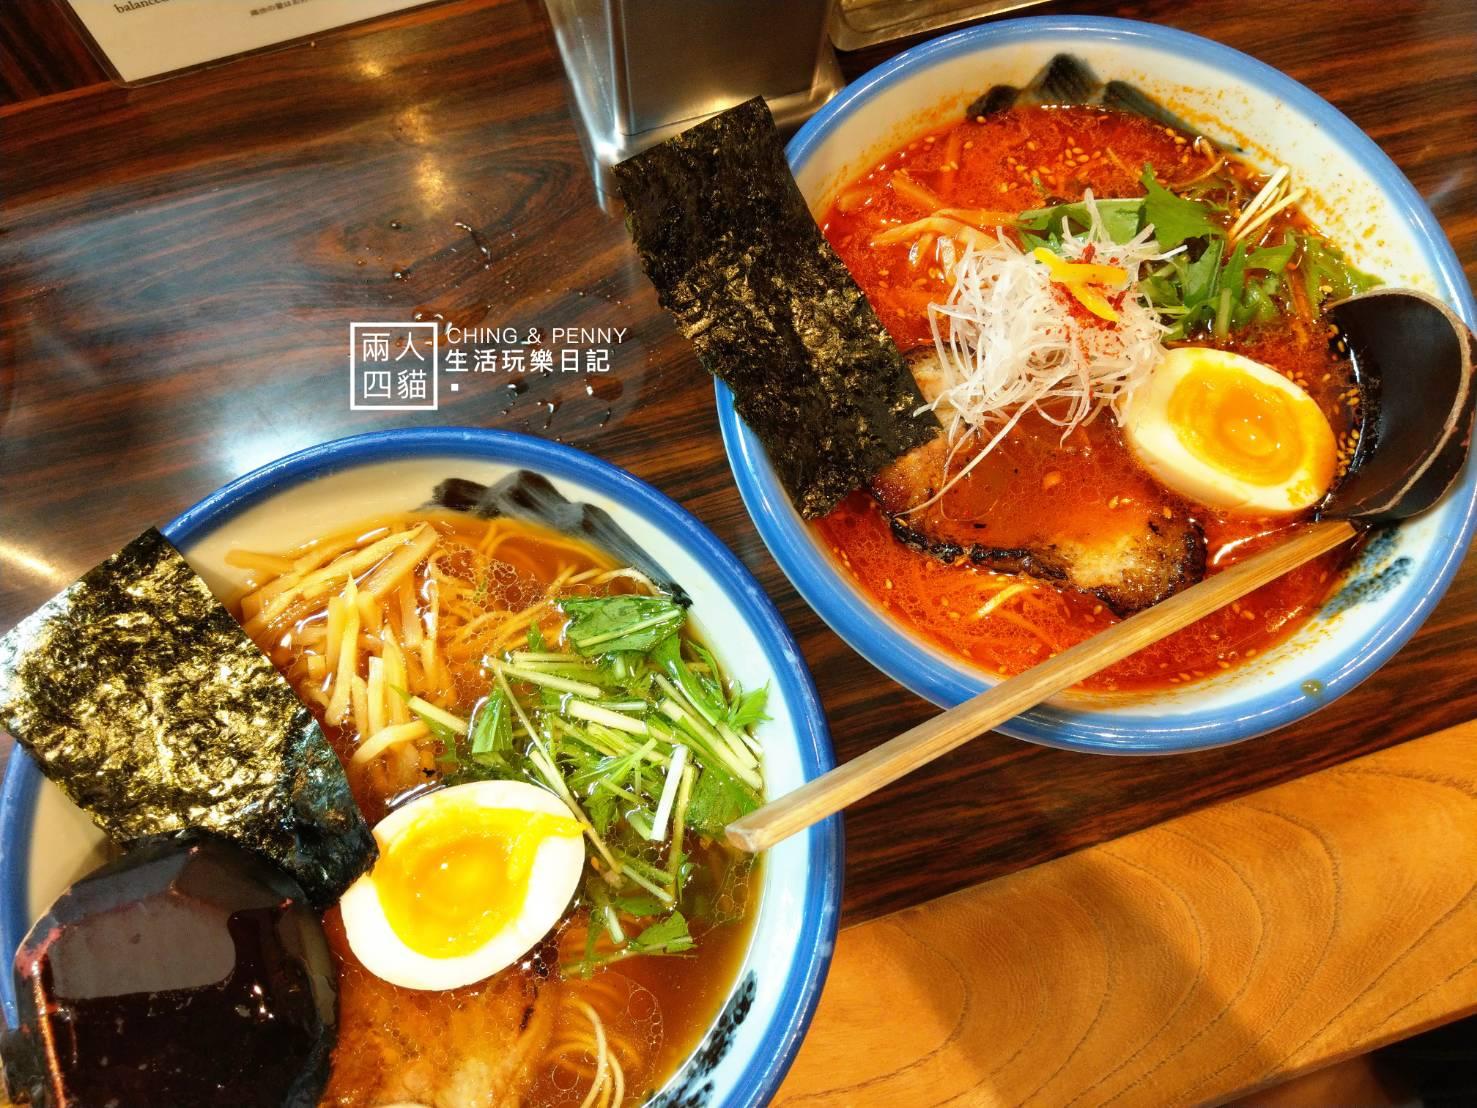 【東京|美食】來東京一定要吃的清爽系拉麵 【AFURI 阿夫利】柚子風味拉麵 (含日英菜單)